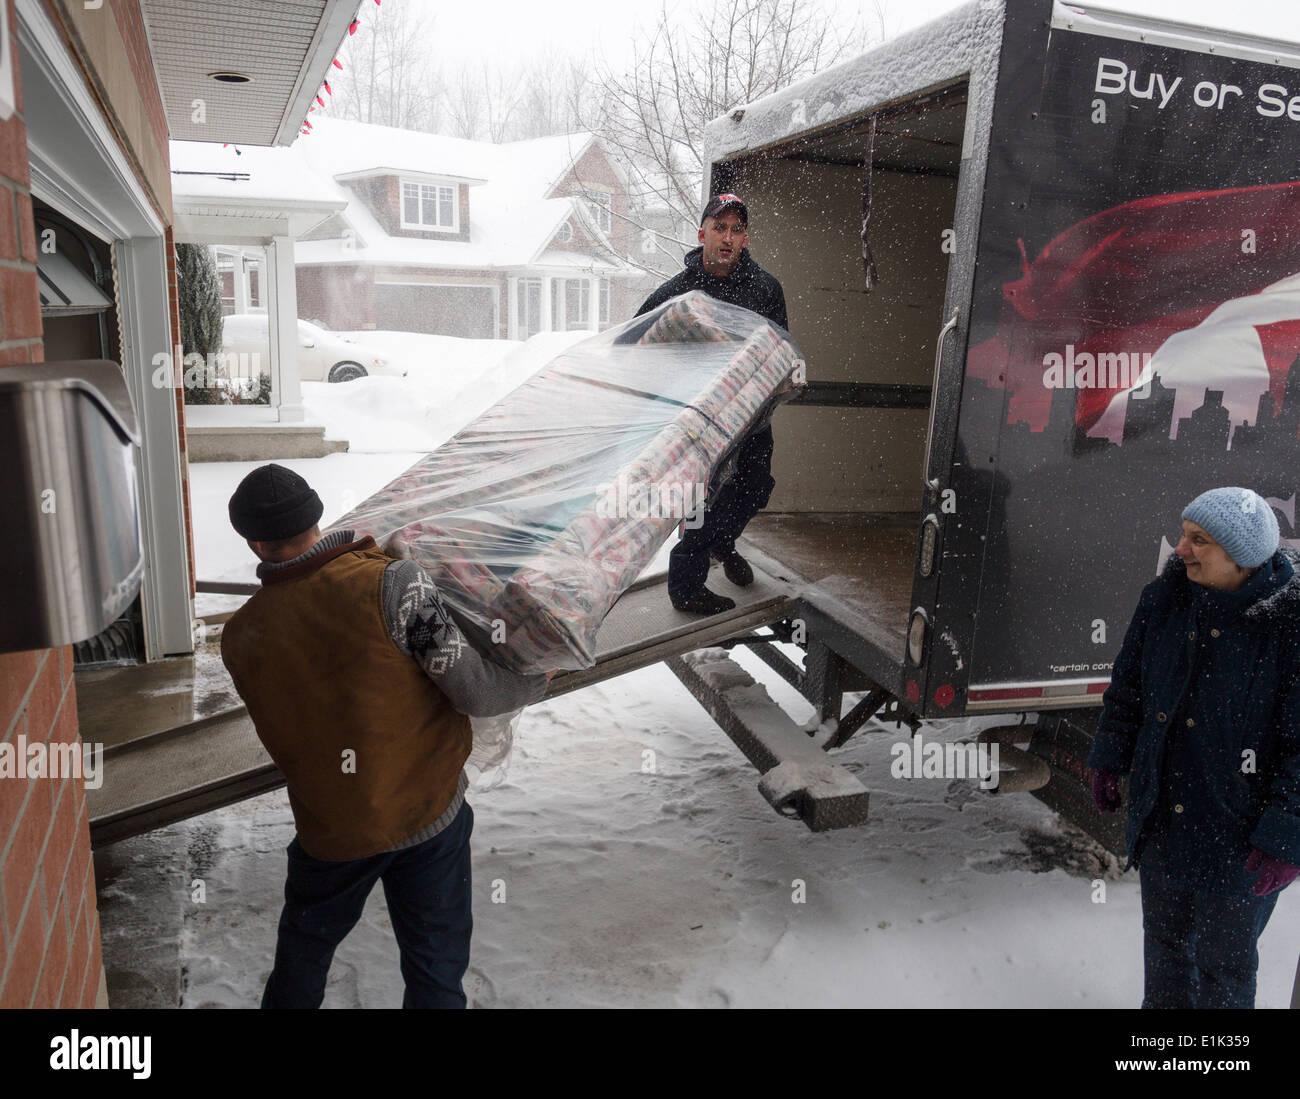 Bewegt sich in einem Schneesturm. Zwei Männer heben eine plastische eingewickelte Couch in einem Möbelwagen während der Schnee nach unten strömt. Eine Frau blickt auf. Stockbild